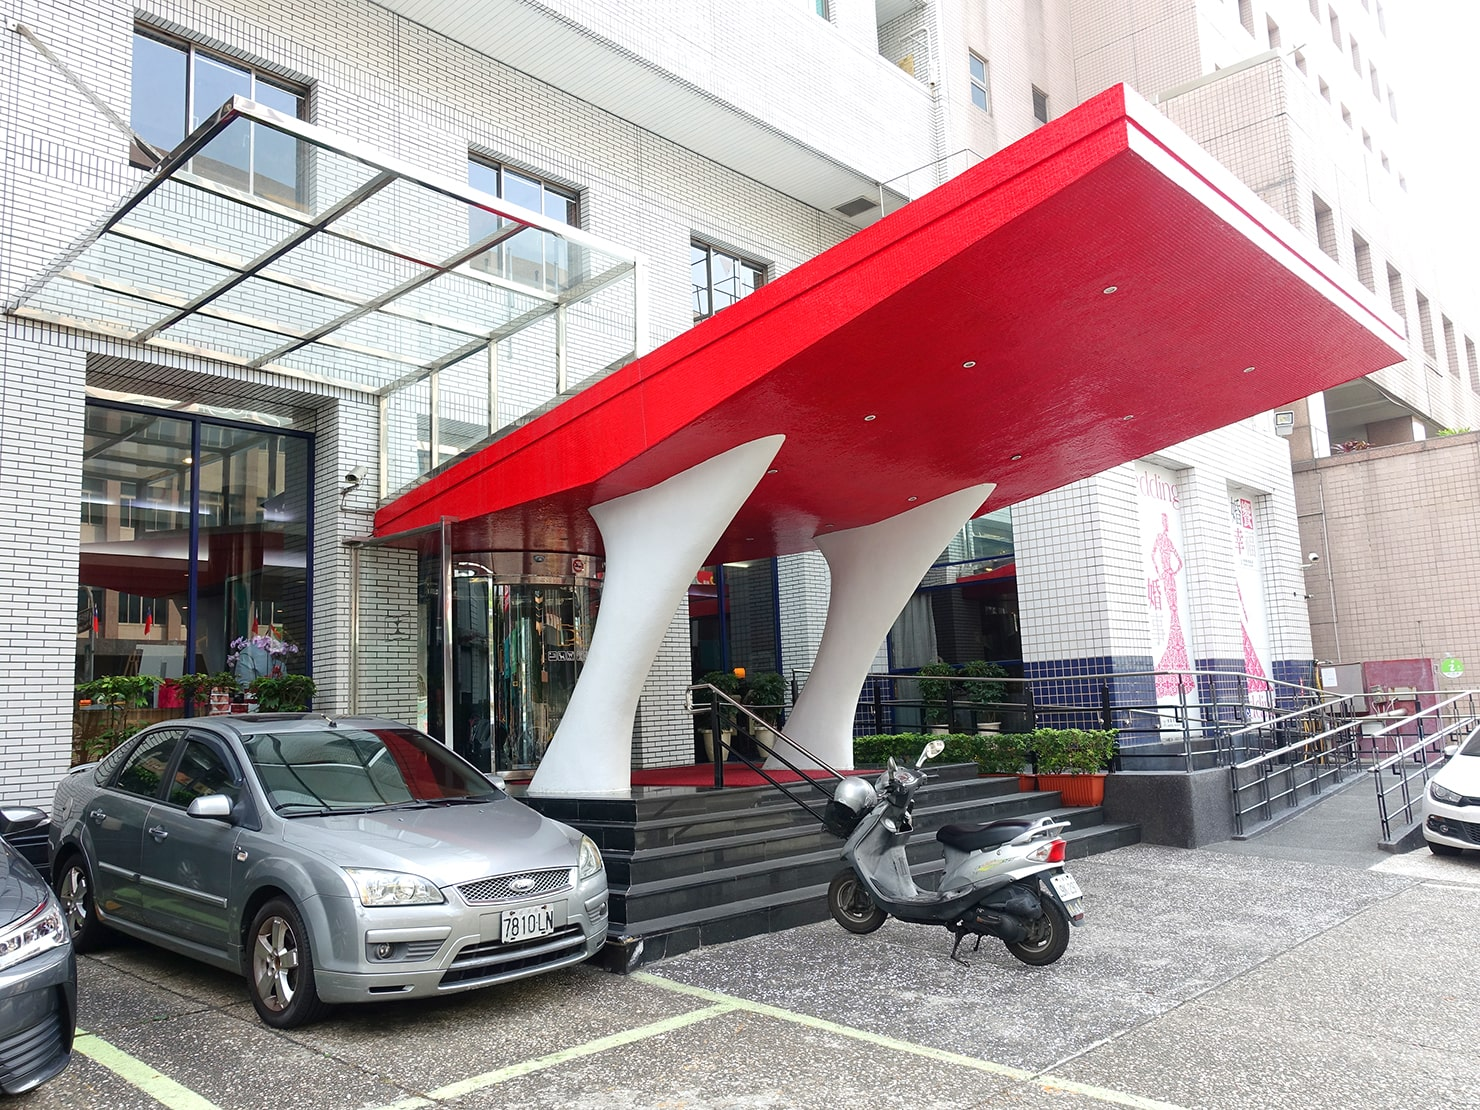 台南駅が目の前の老舗ホテル「台南大飯店 Hotel Tainan」のエントランス